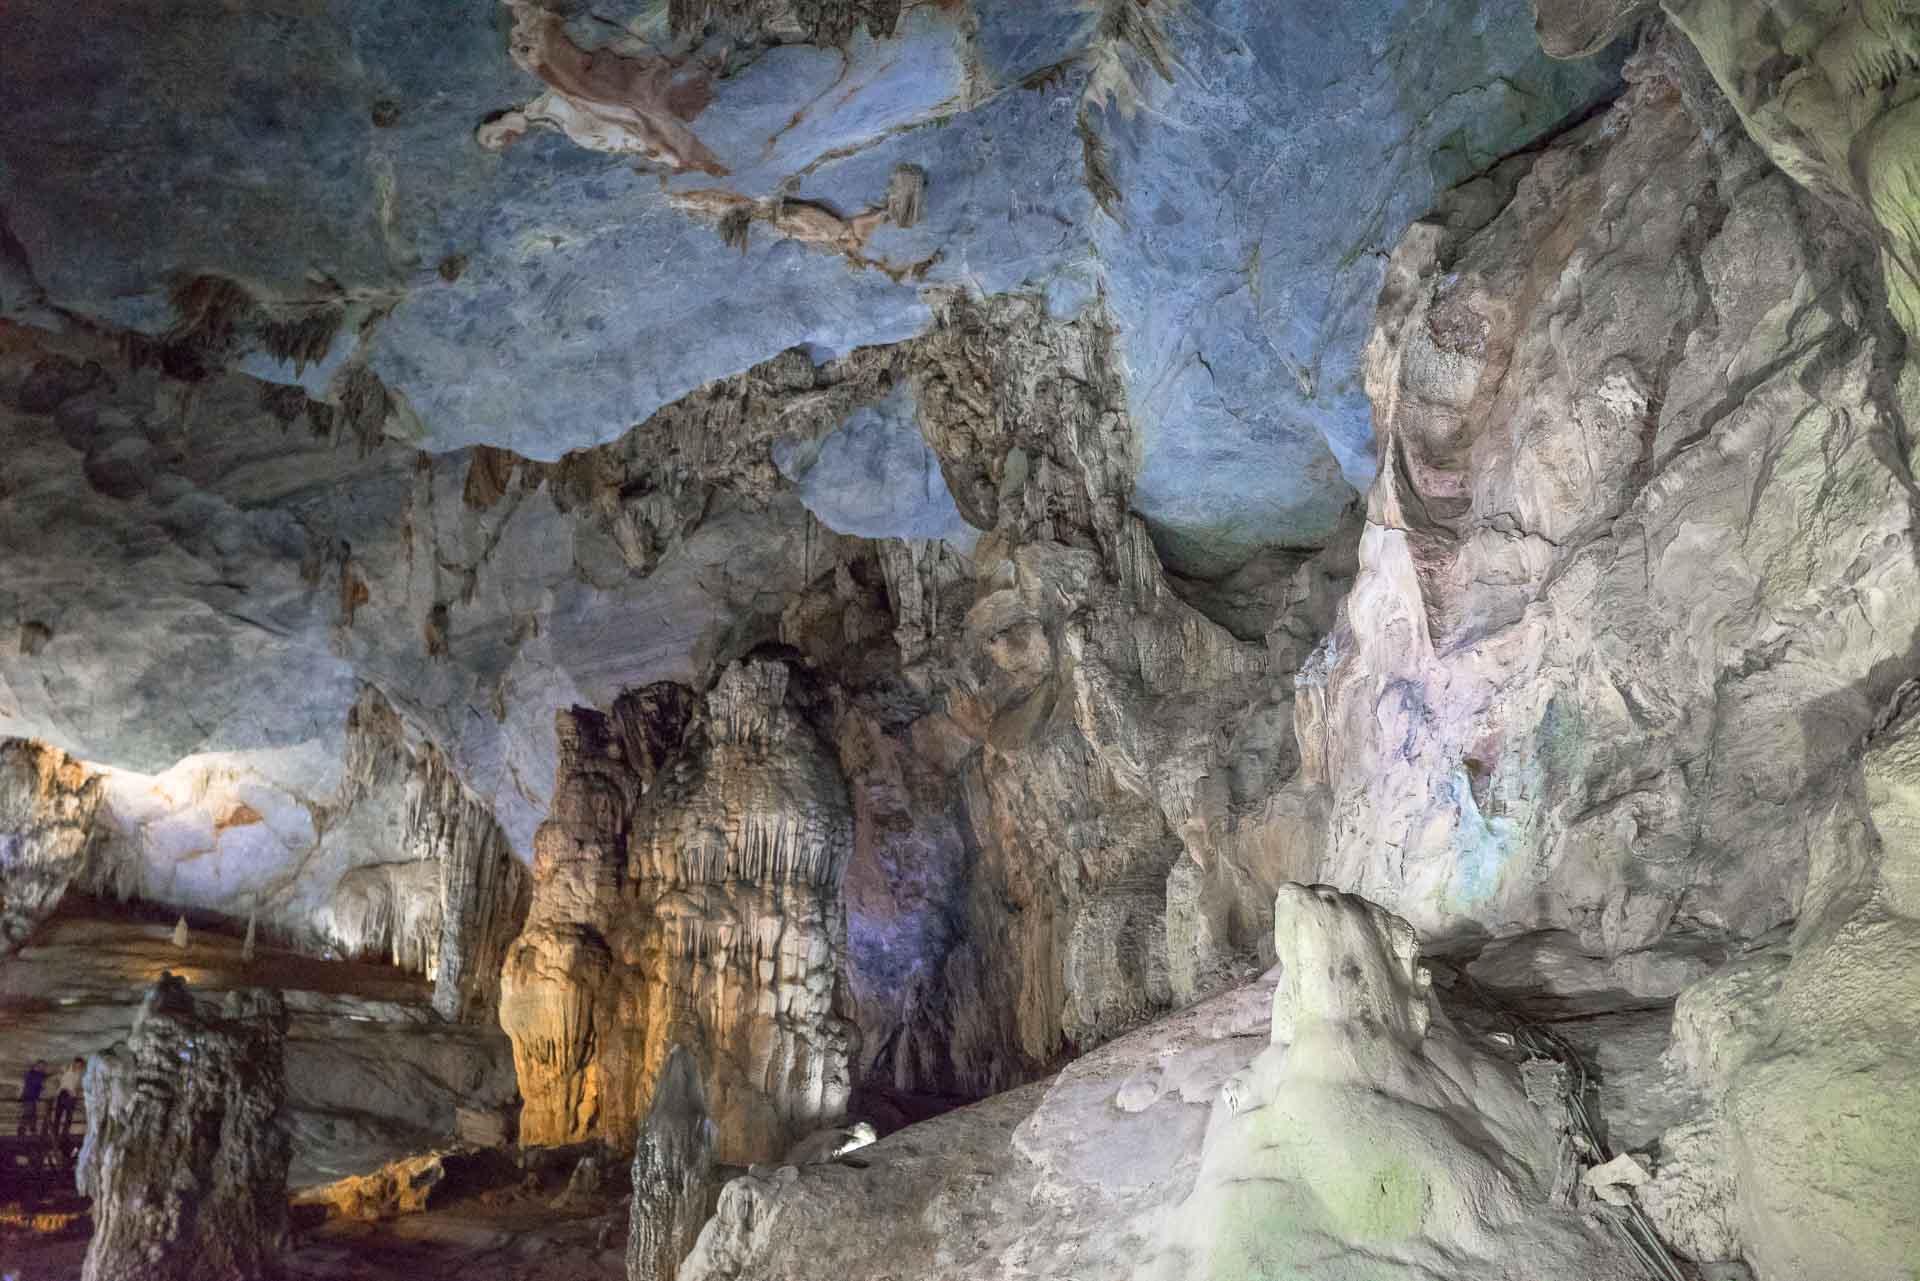 LesVoyageuses-Vietnam-Phong-Nha-Caves-Nature-25